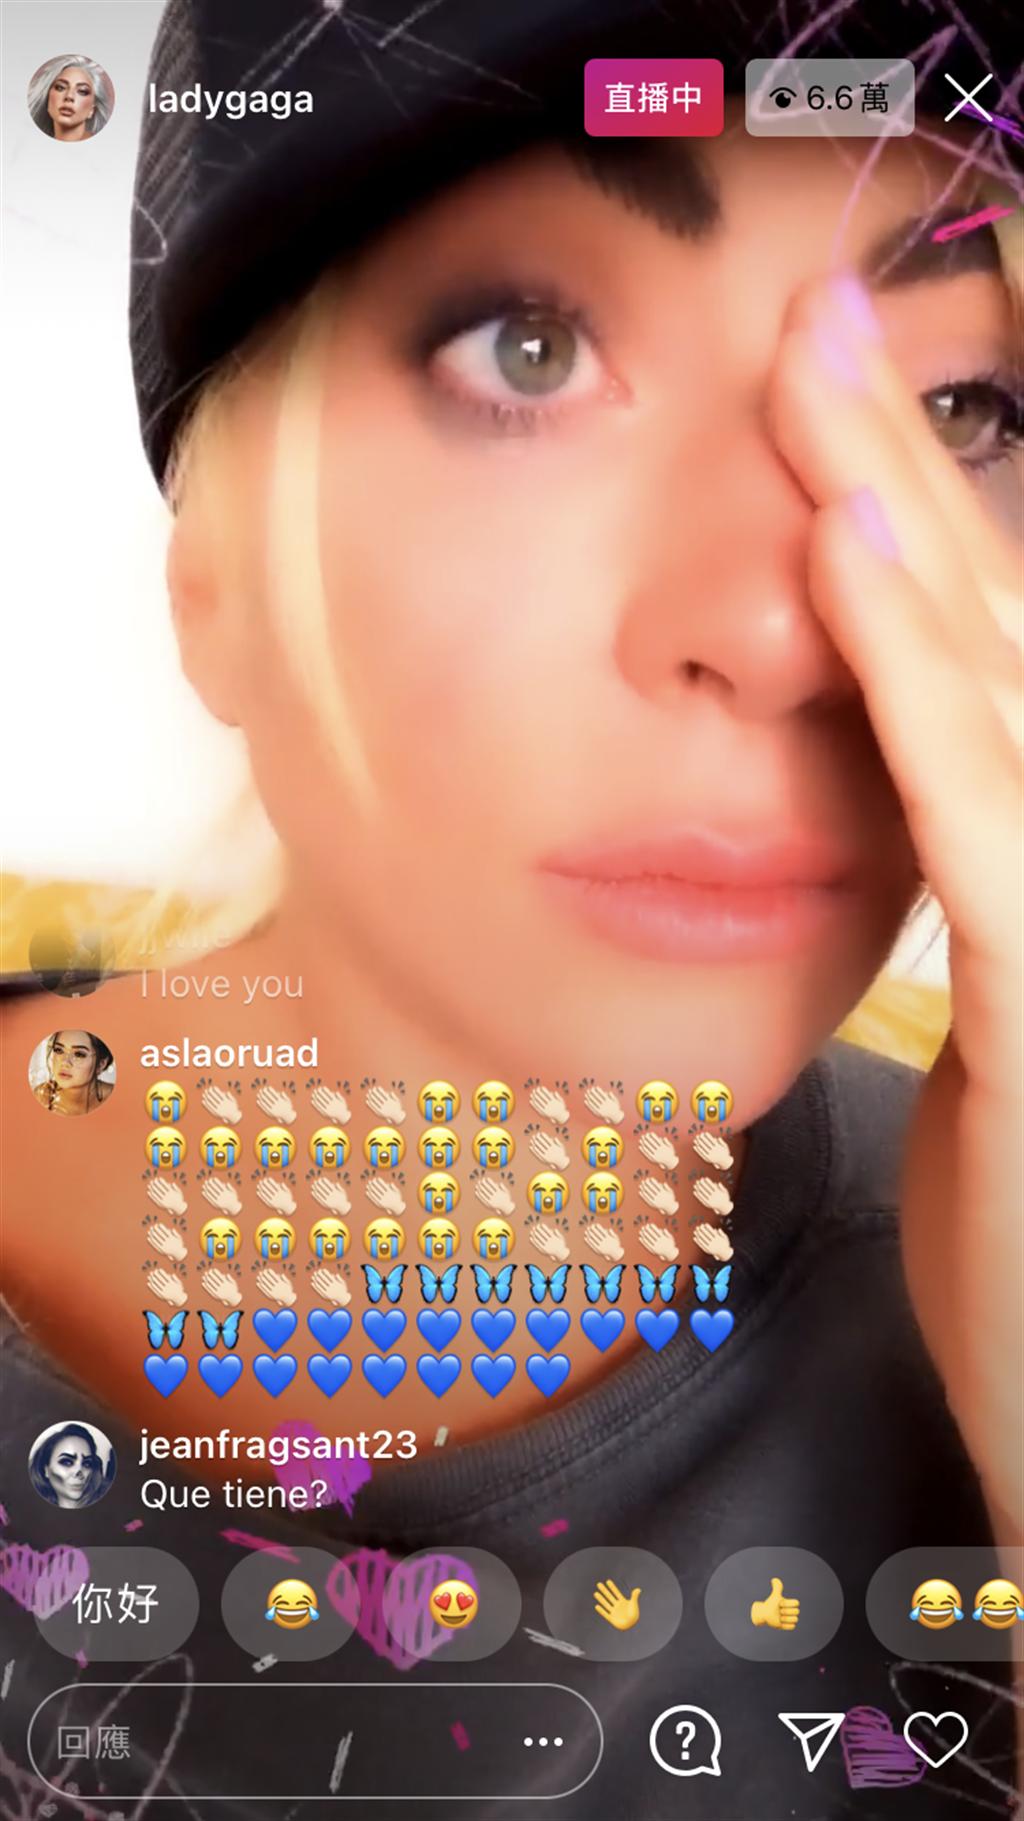 Lady Gaga在直播中數度哽咽 (圖/ 翻攝自Lady Gaga IG)